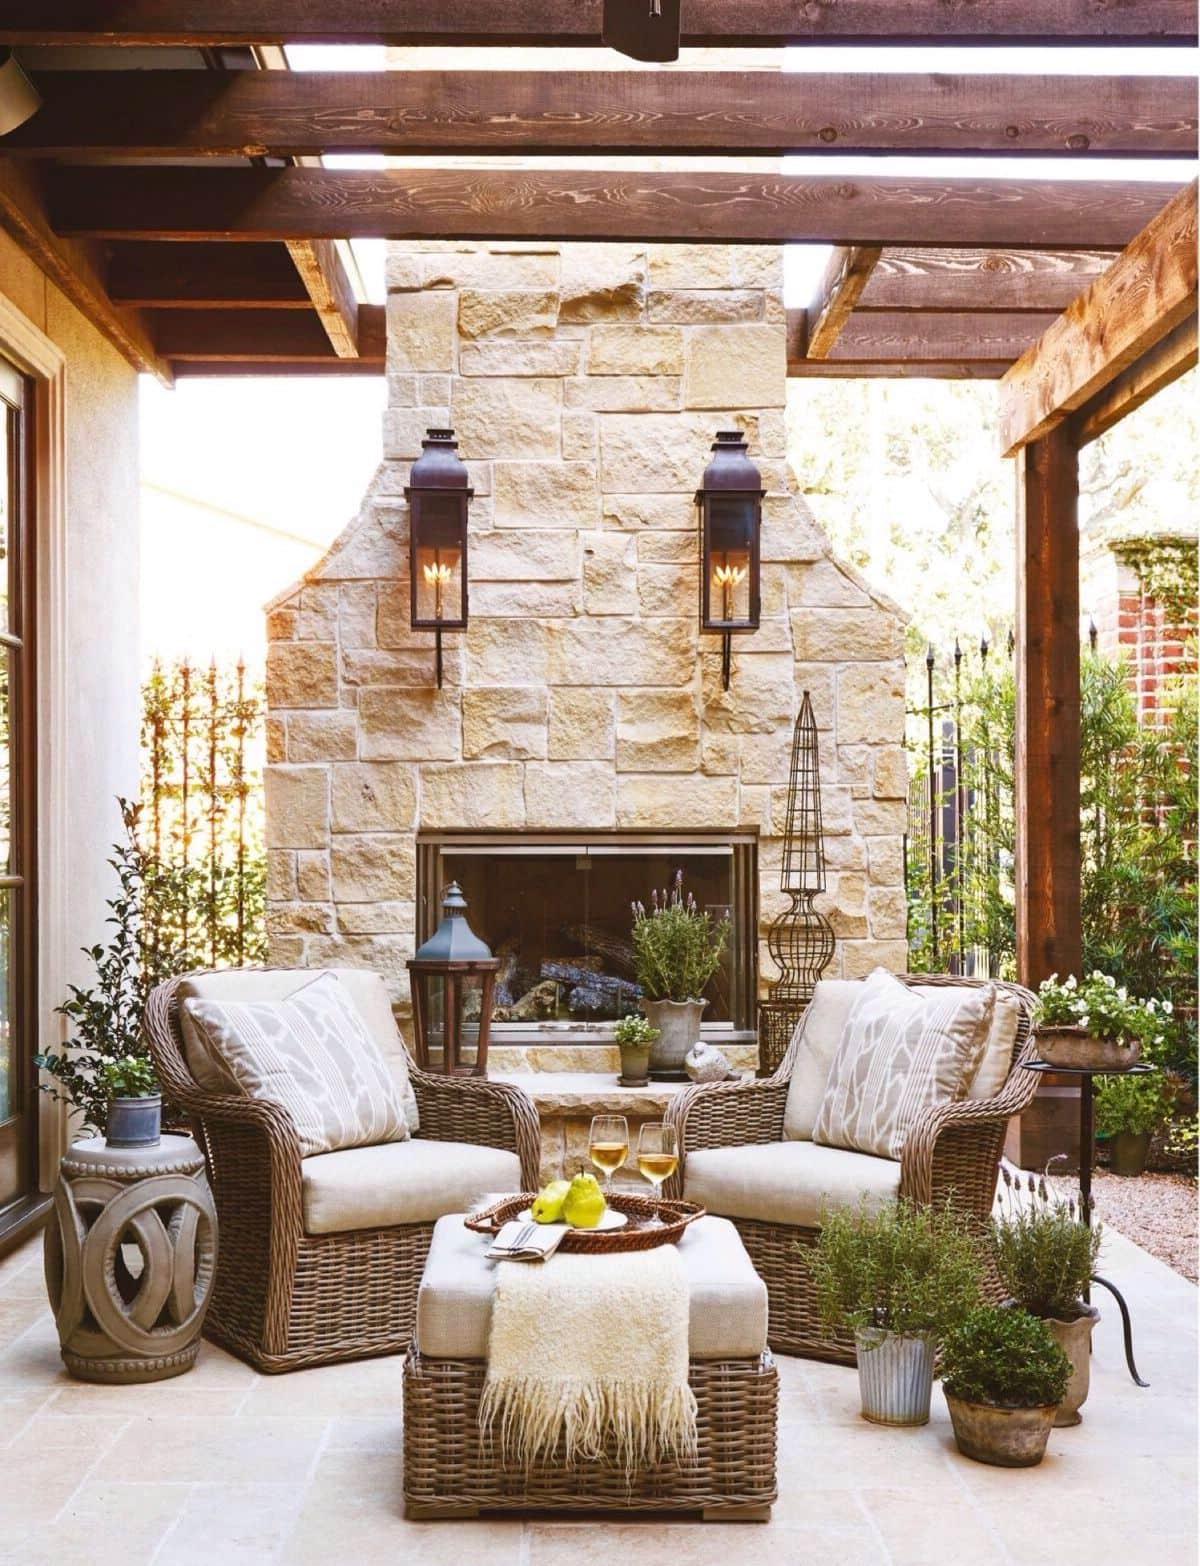 Красиво организовать камин можно как внутри, так и снаружи дома